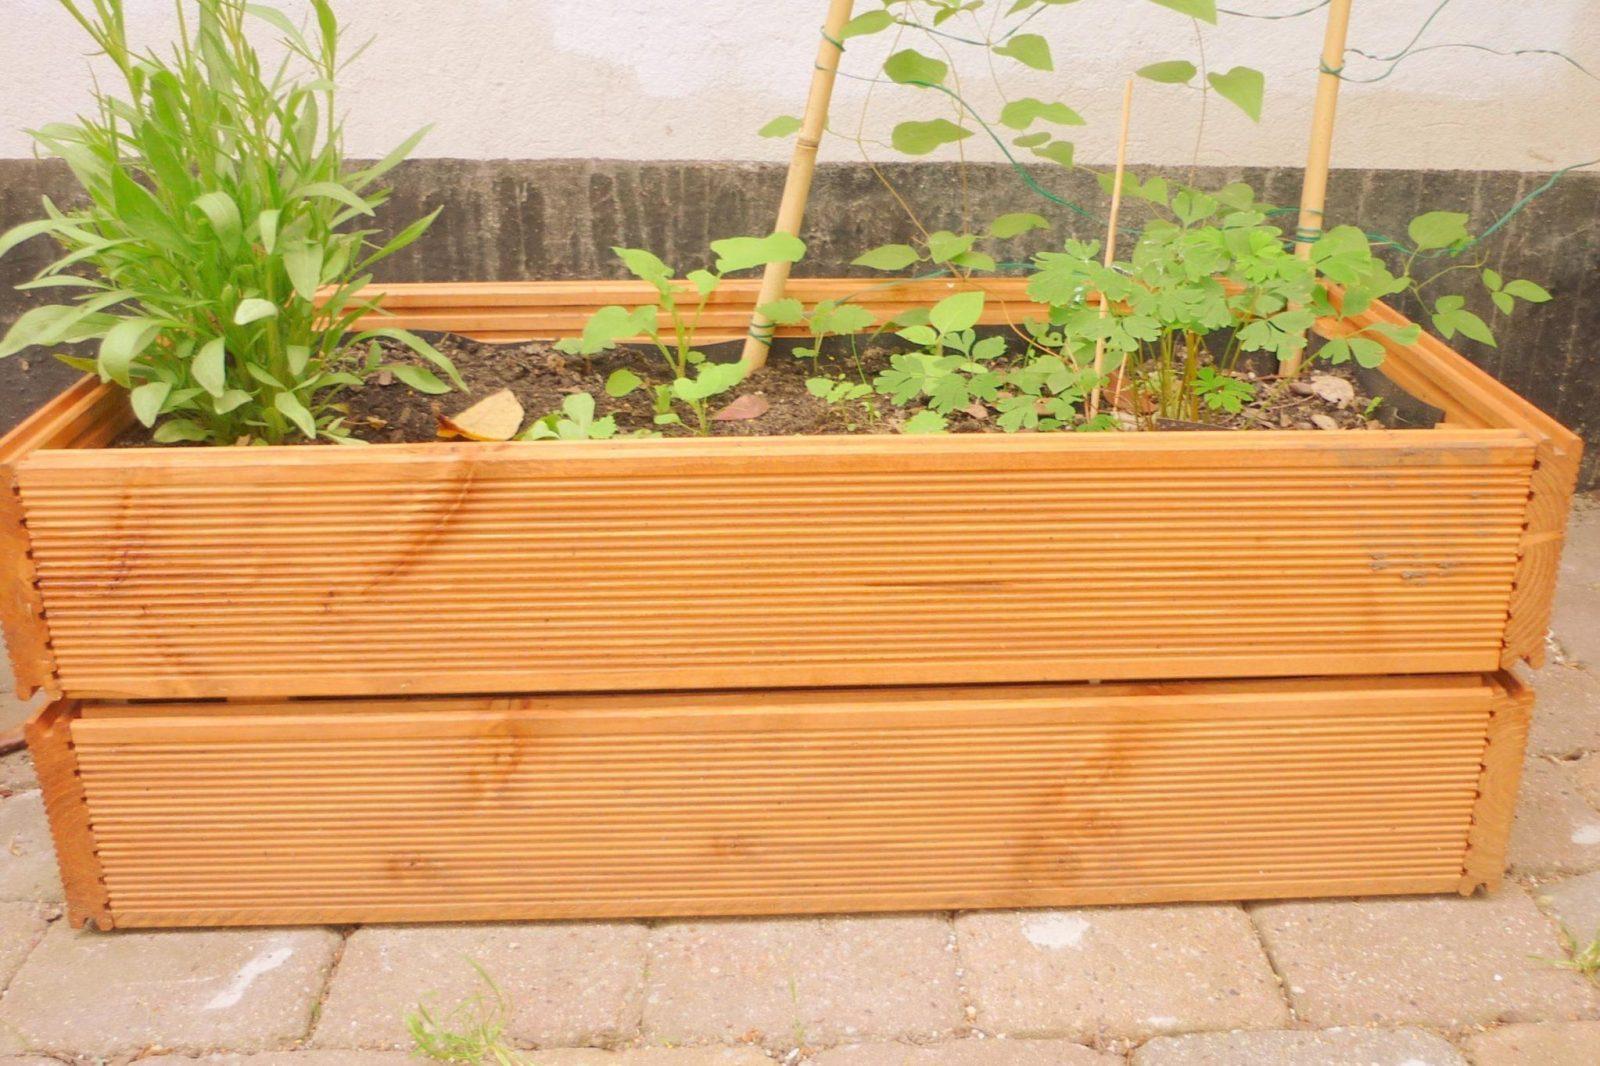 Pflanztrog Holz Selber Bauen  Die Schönsten Einrichtungsideen von Pflanzkübel Aus Holz Selber Bauen Photo